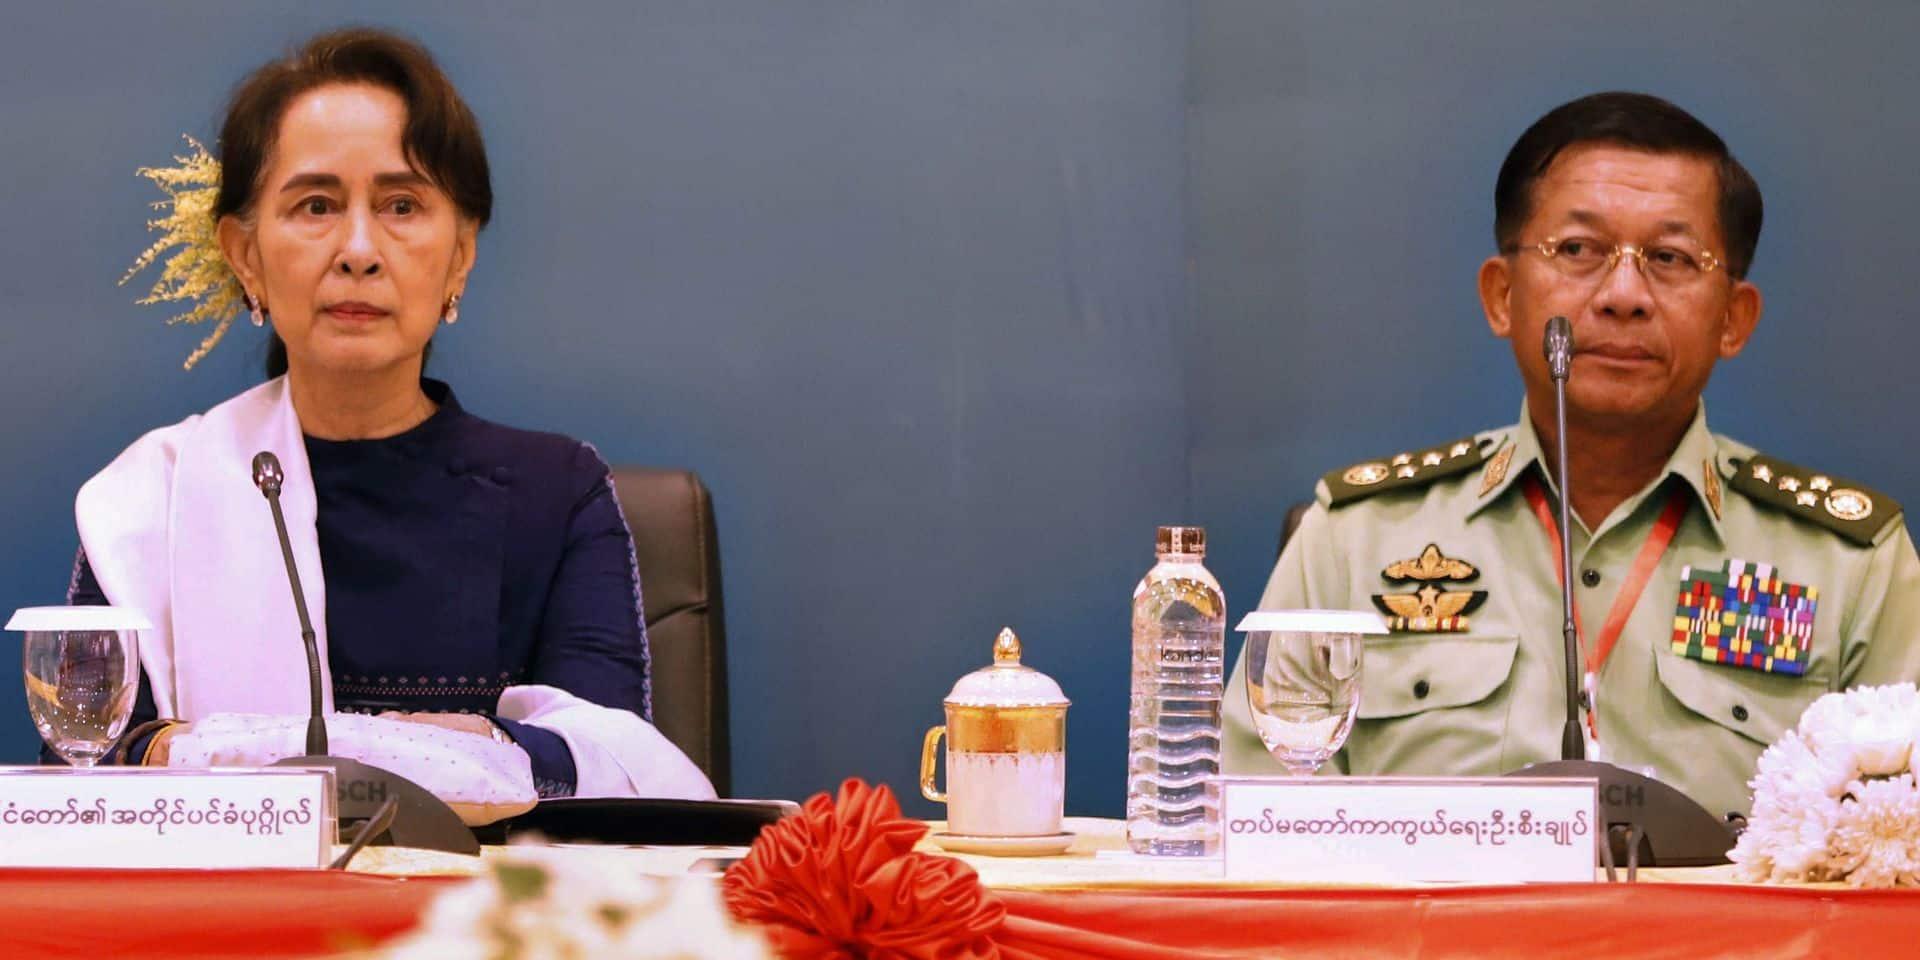 En Birmanie, un coup d'Etat qui va brouiller les liens avec les pays occidentaux mais resserrer ceux avec la Chine